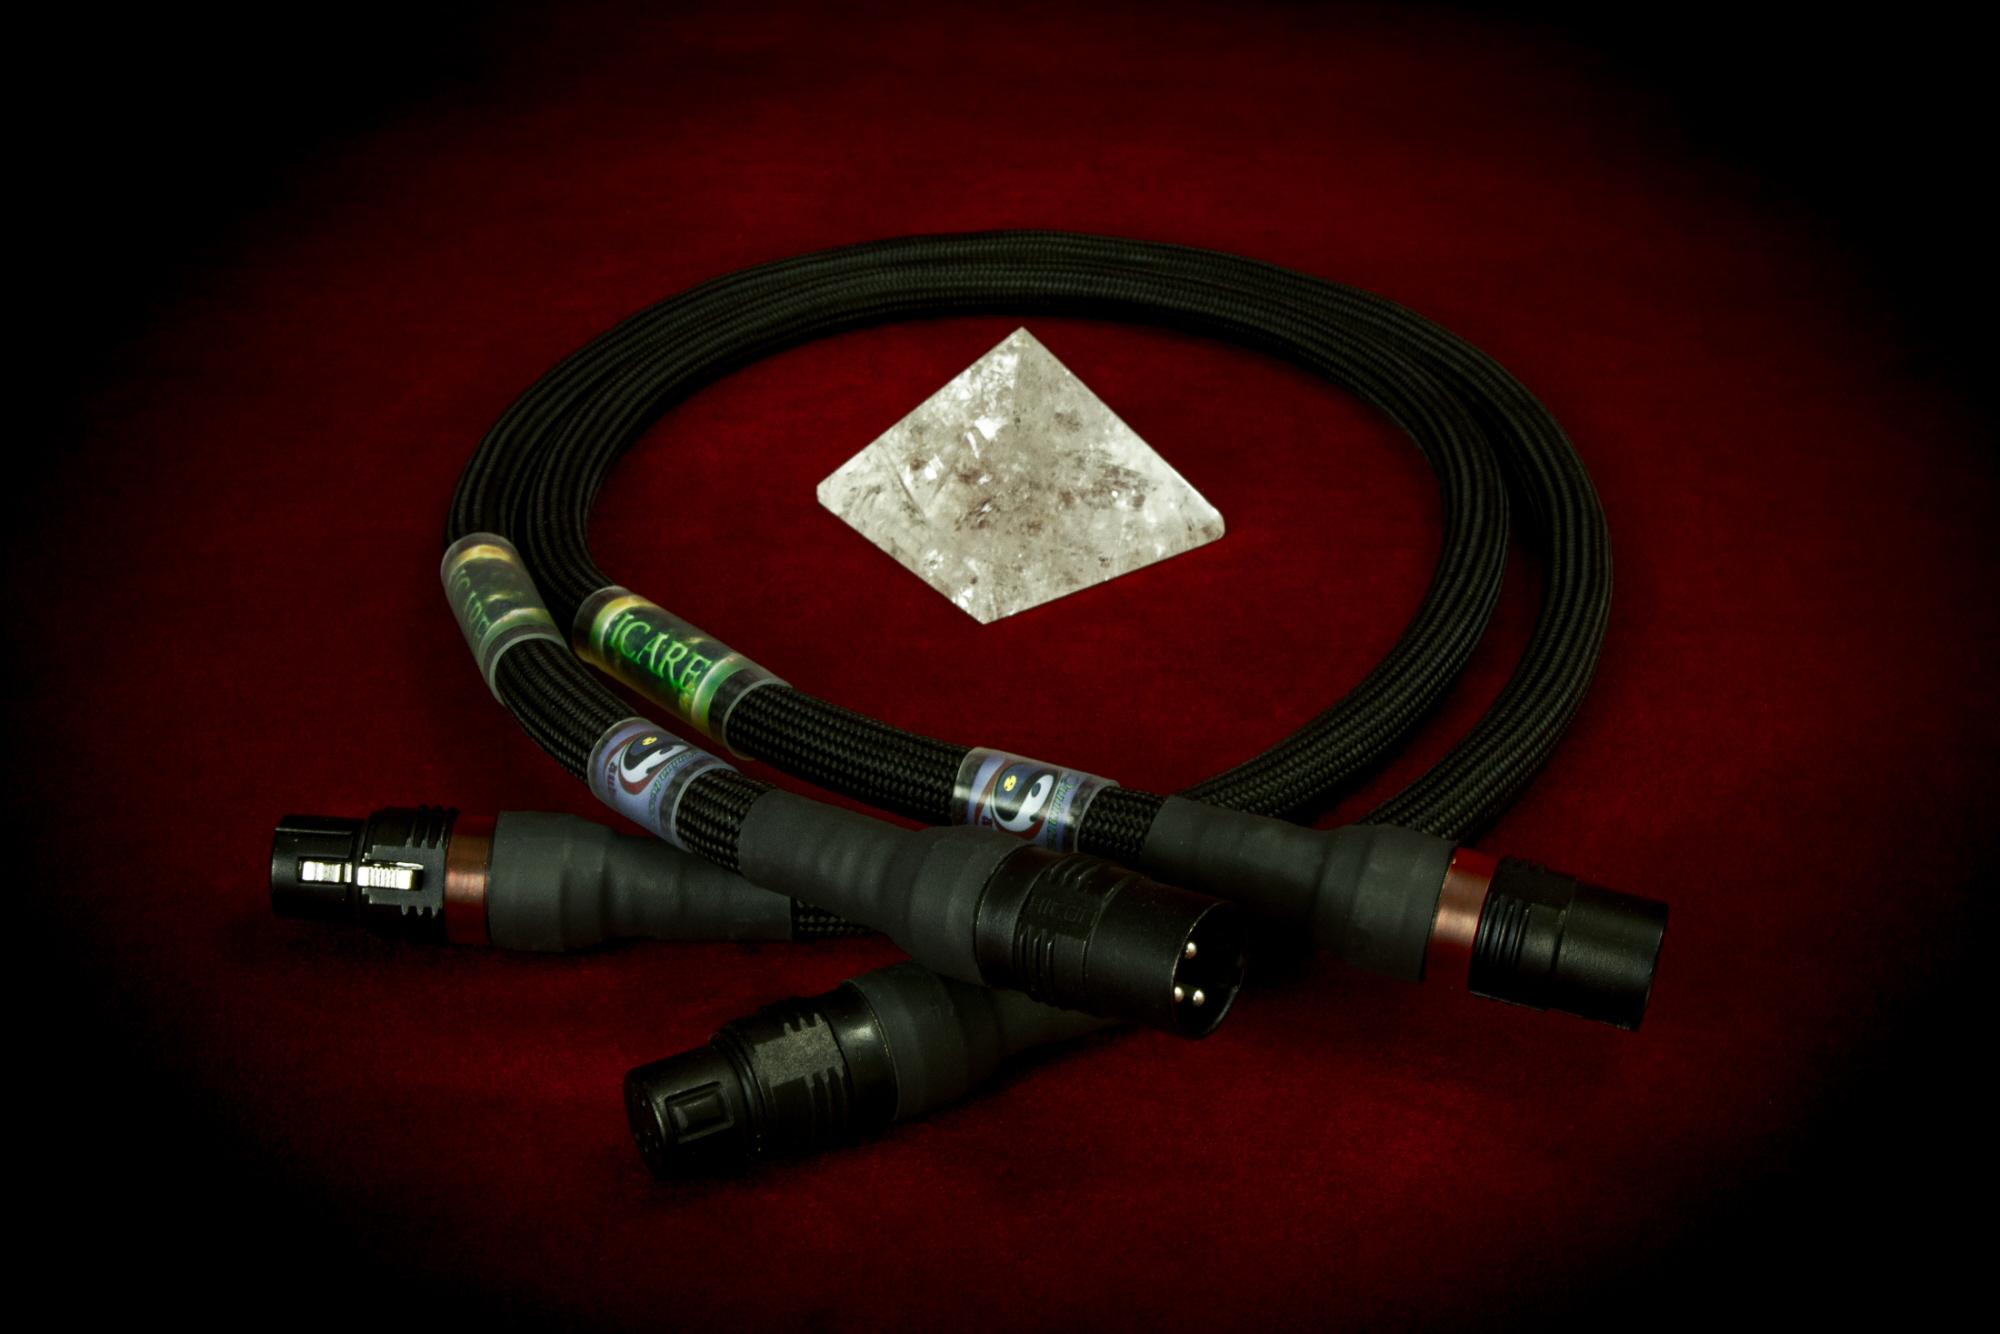 Câble modulation Icare xlr Argent